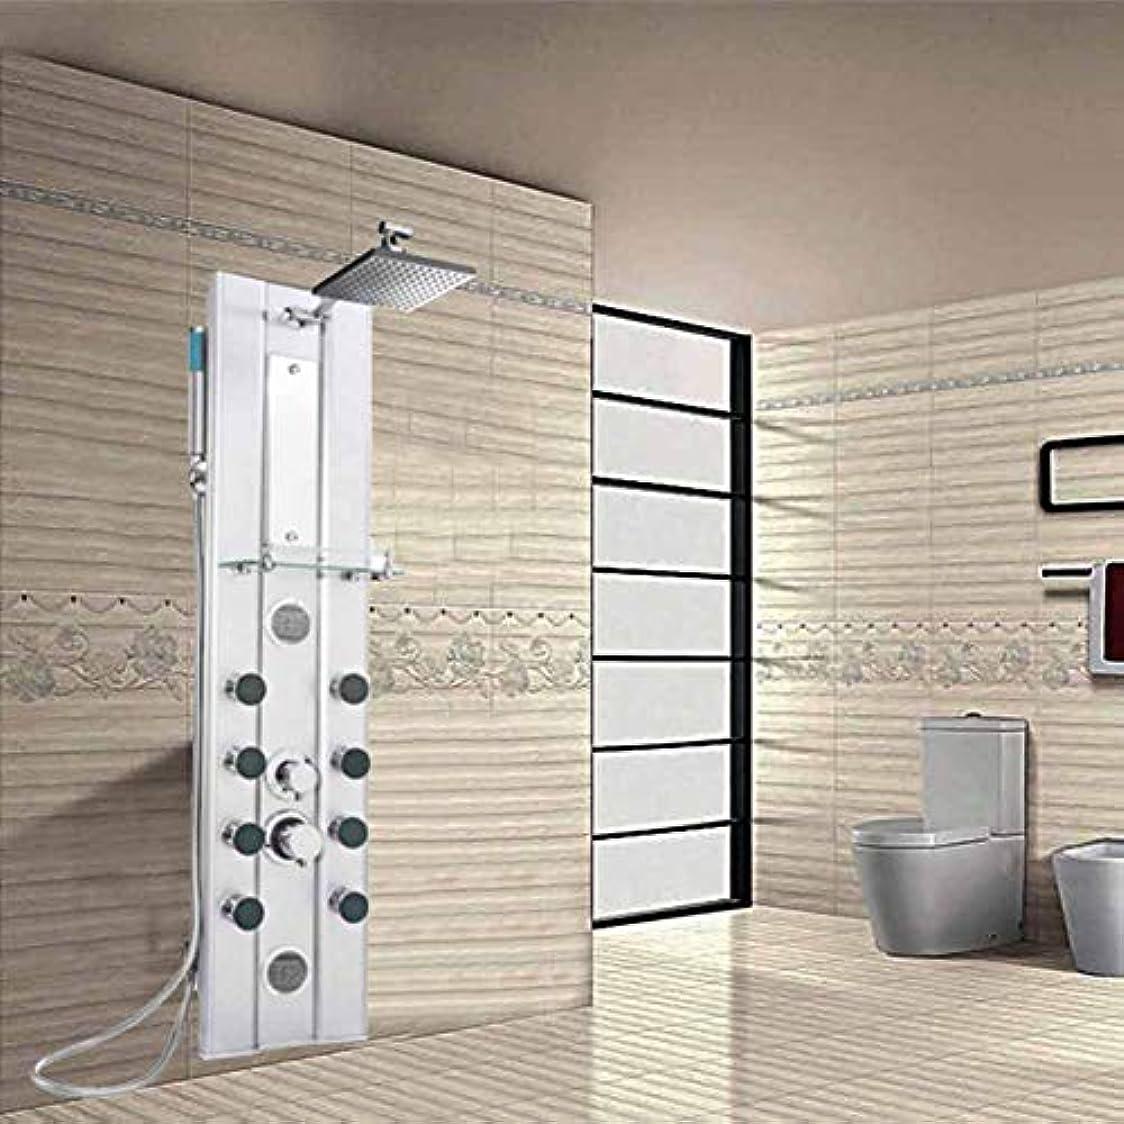 流星着替える鷲シャワーシステム、シャワーパネルセット壁掛けアルミシャワースクリーン新しいシャワーセット多機能シャワー蛇口ボディレインフォールシャワーハンドシャワーとボディジェット